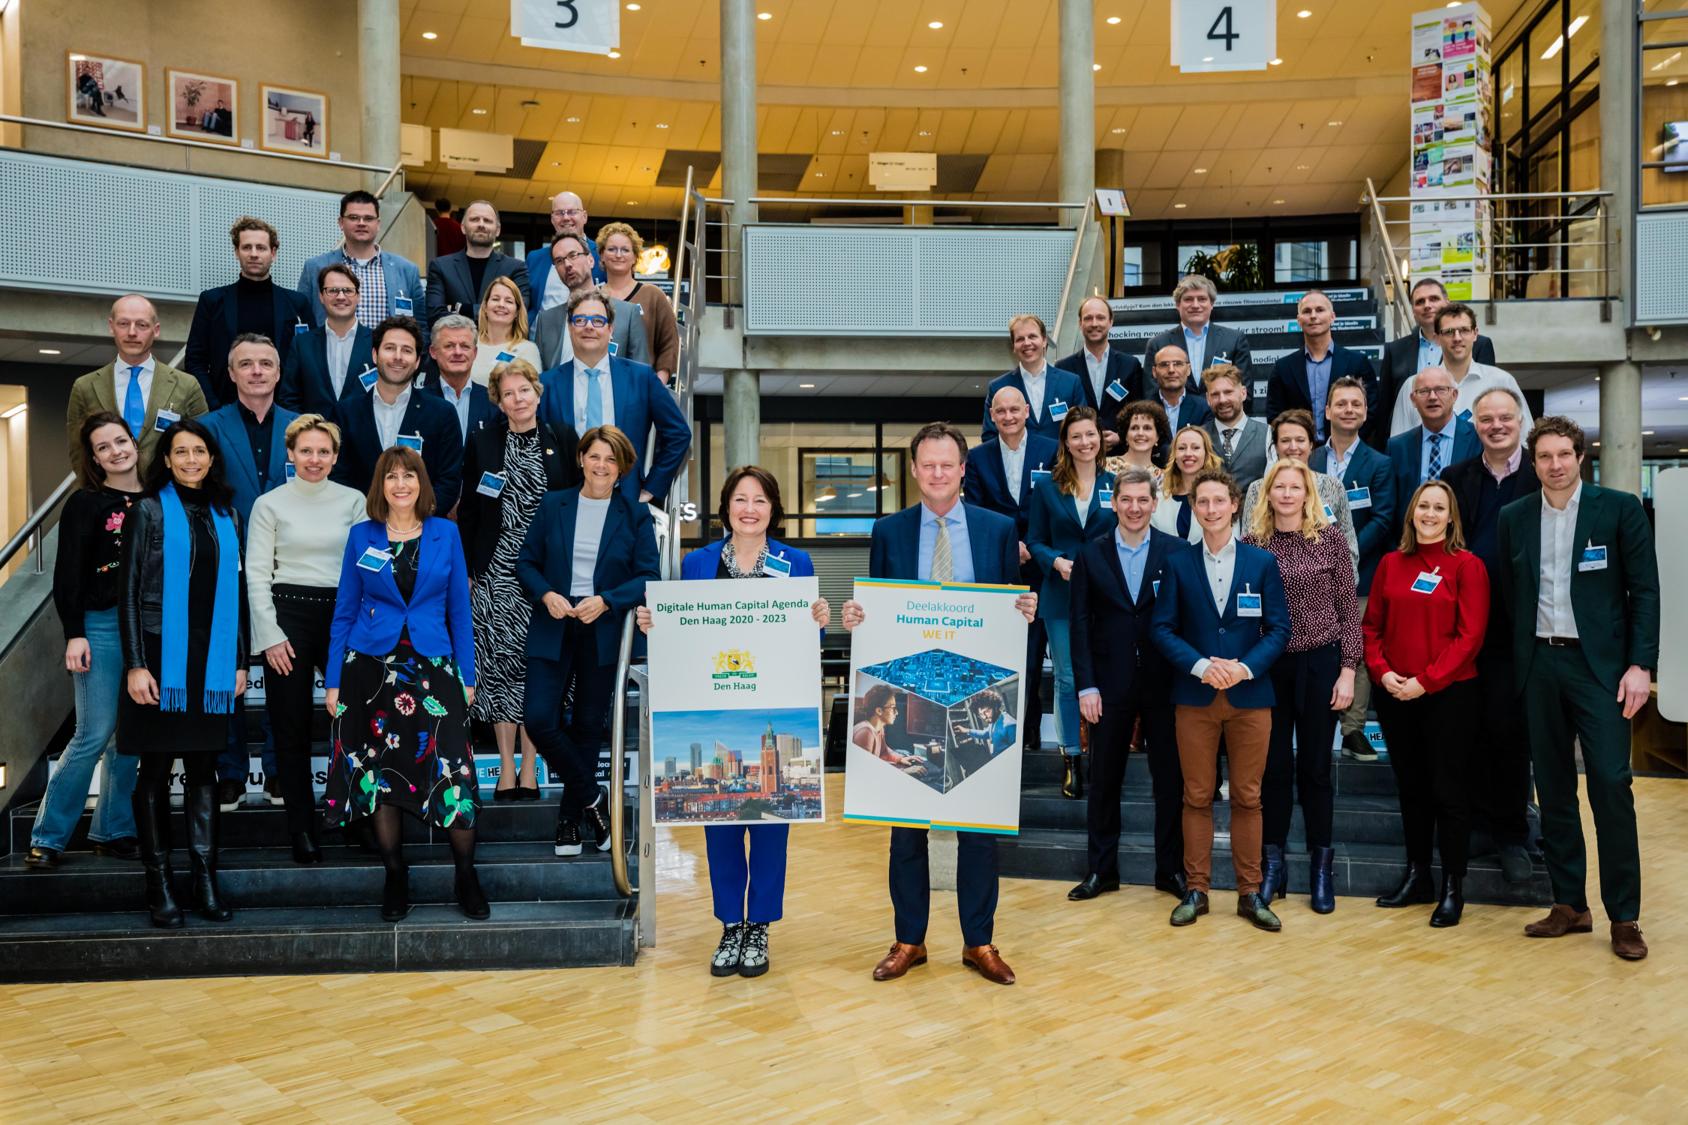 Zuid-Hollandse samenwerking voor opleiden 3.000 extra IT'ers